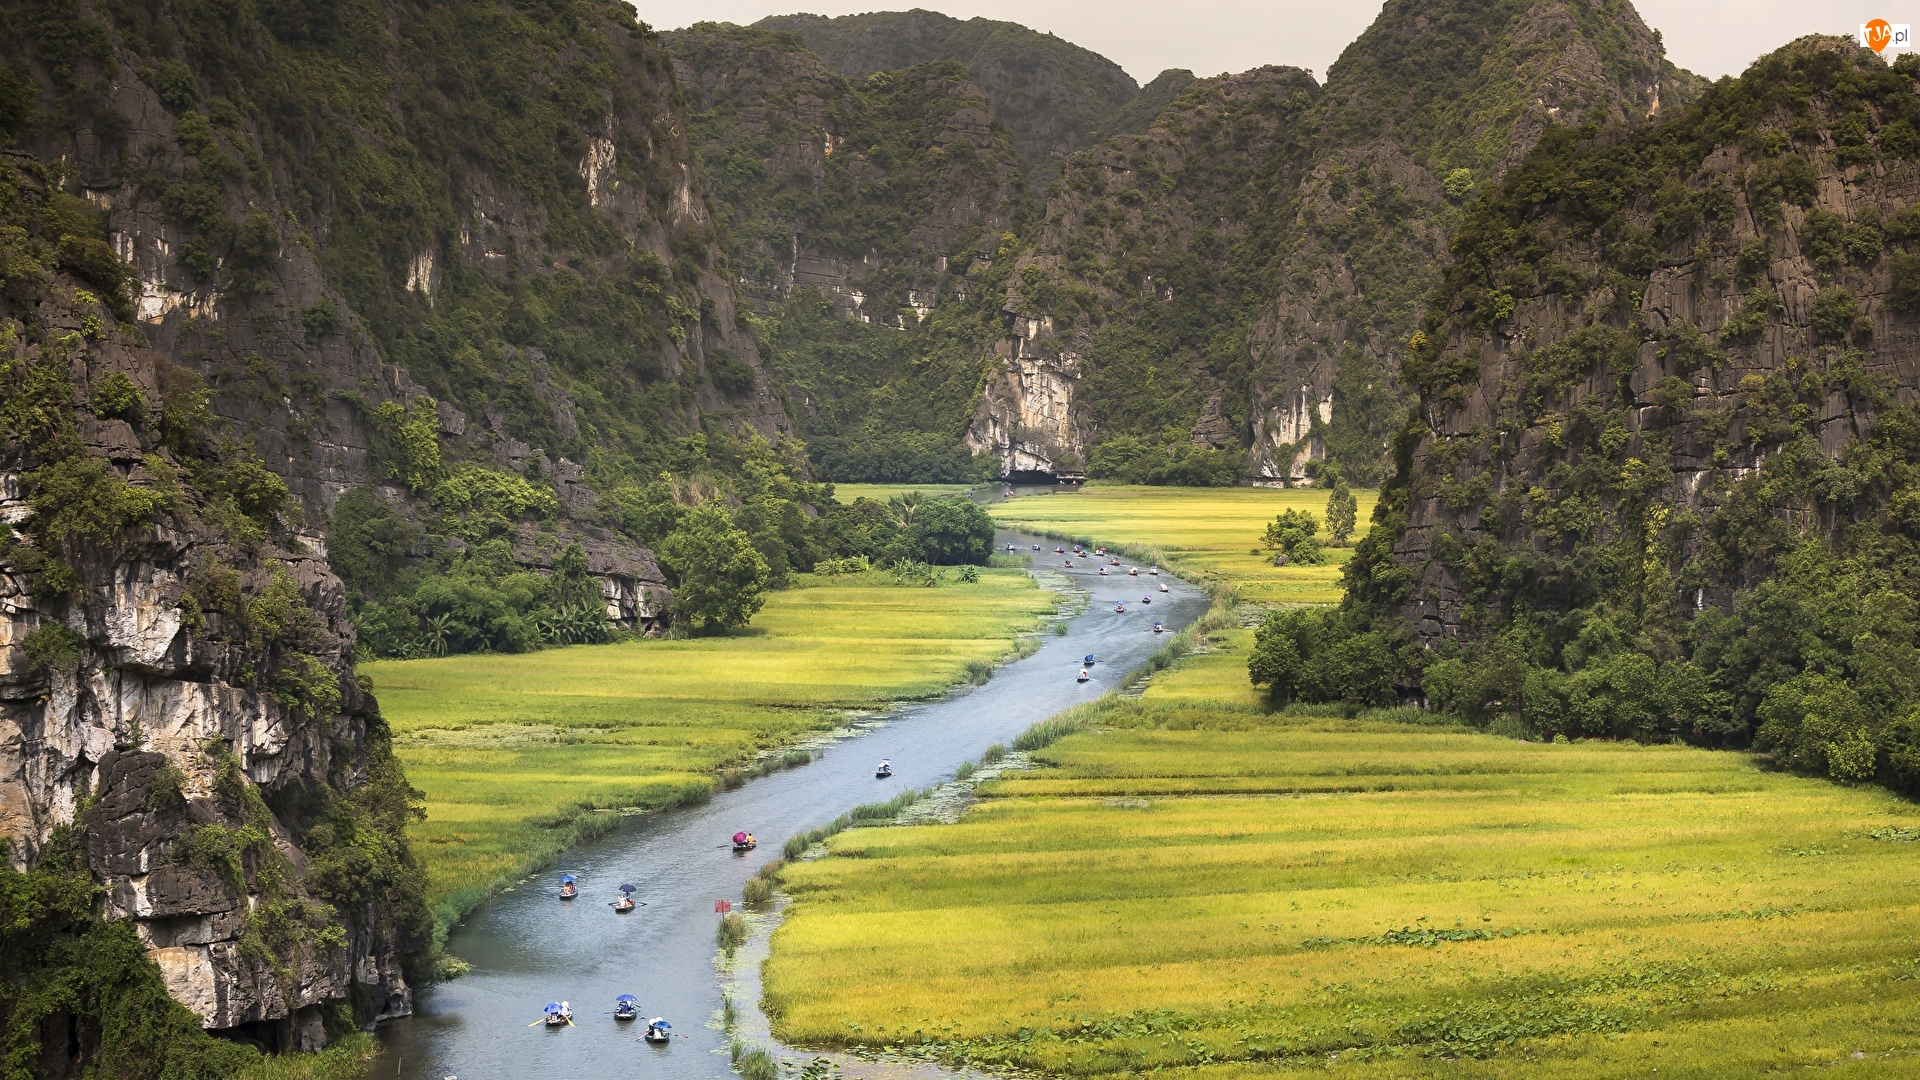 Prowincja Ninh Binh, Rzeka Ngo Dong, Tam Coc Ninh Binh, Wietnam, Atrakcja turystyczna, Góry, Łódki